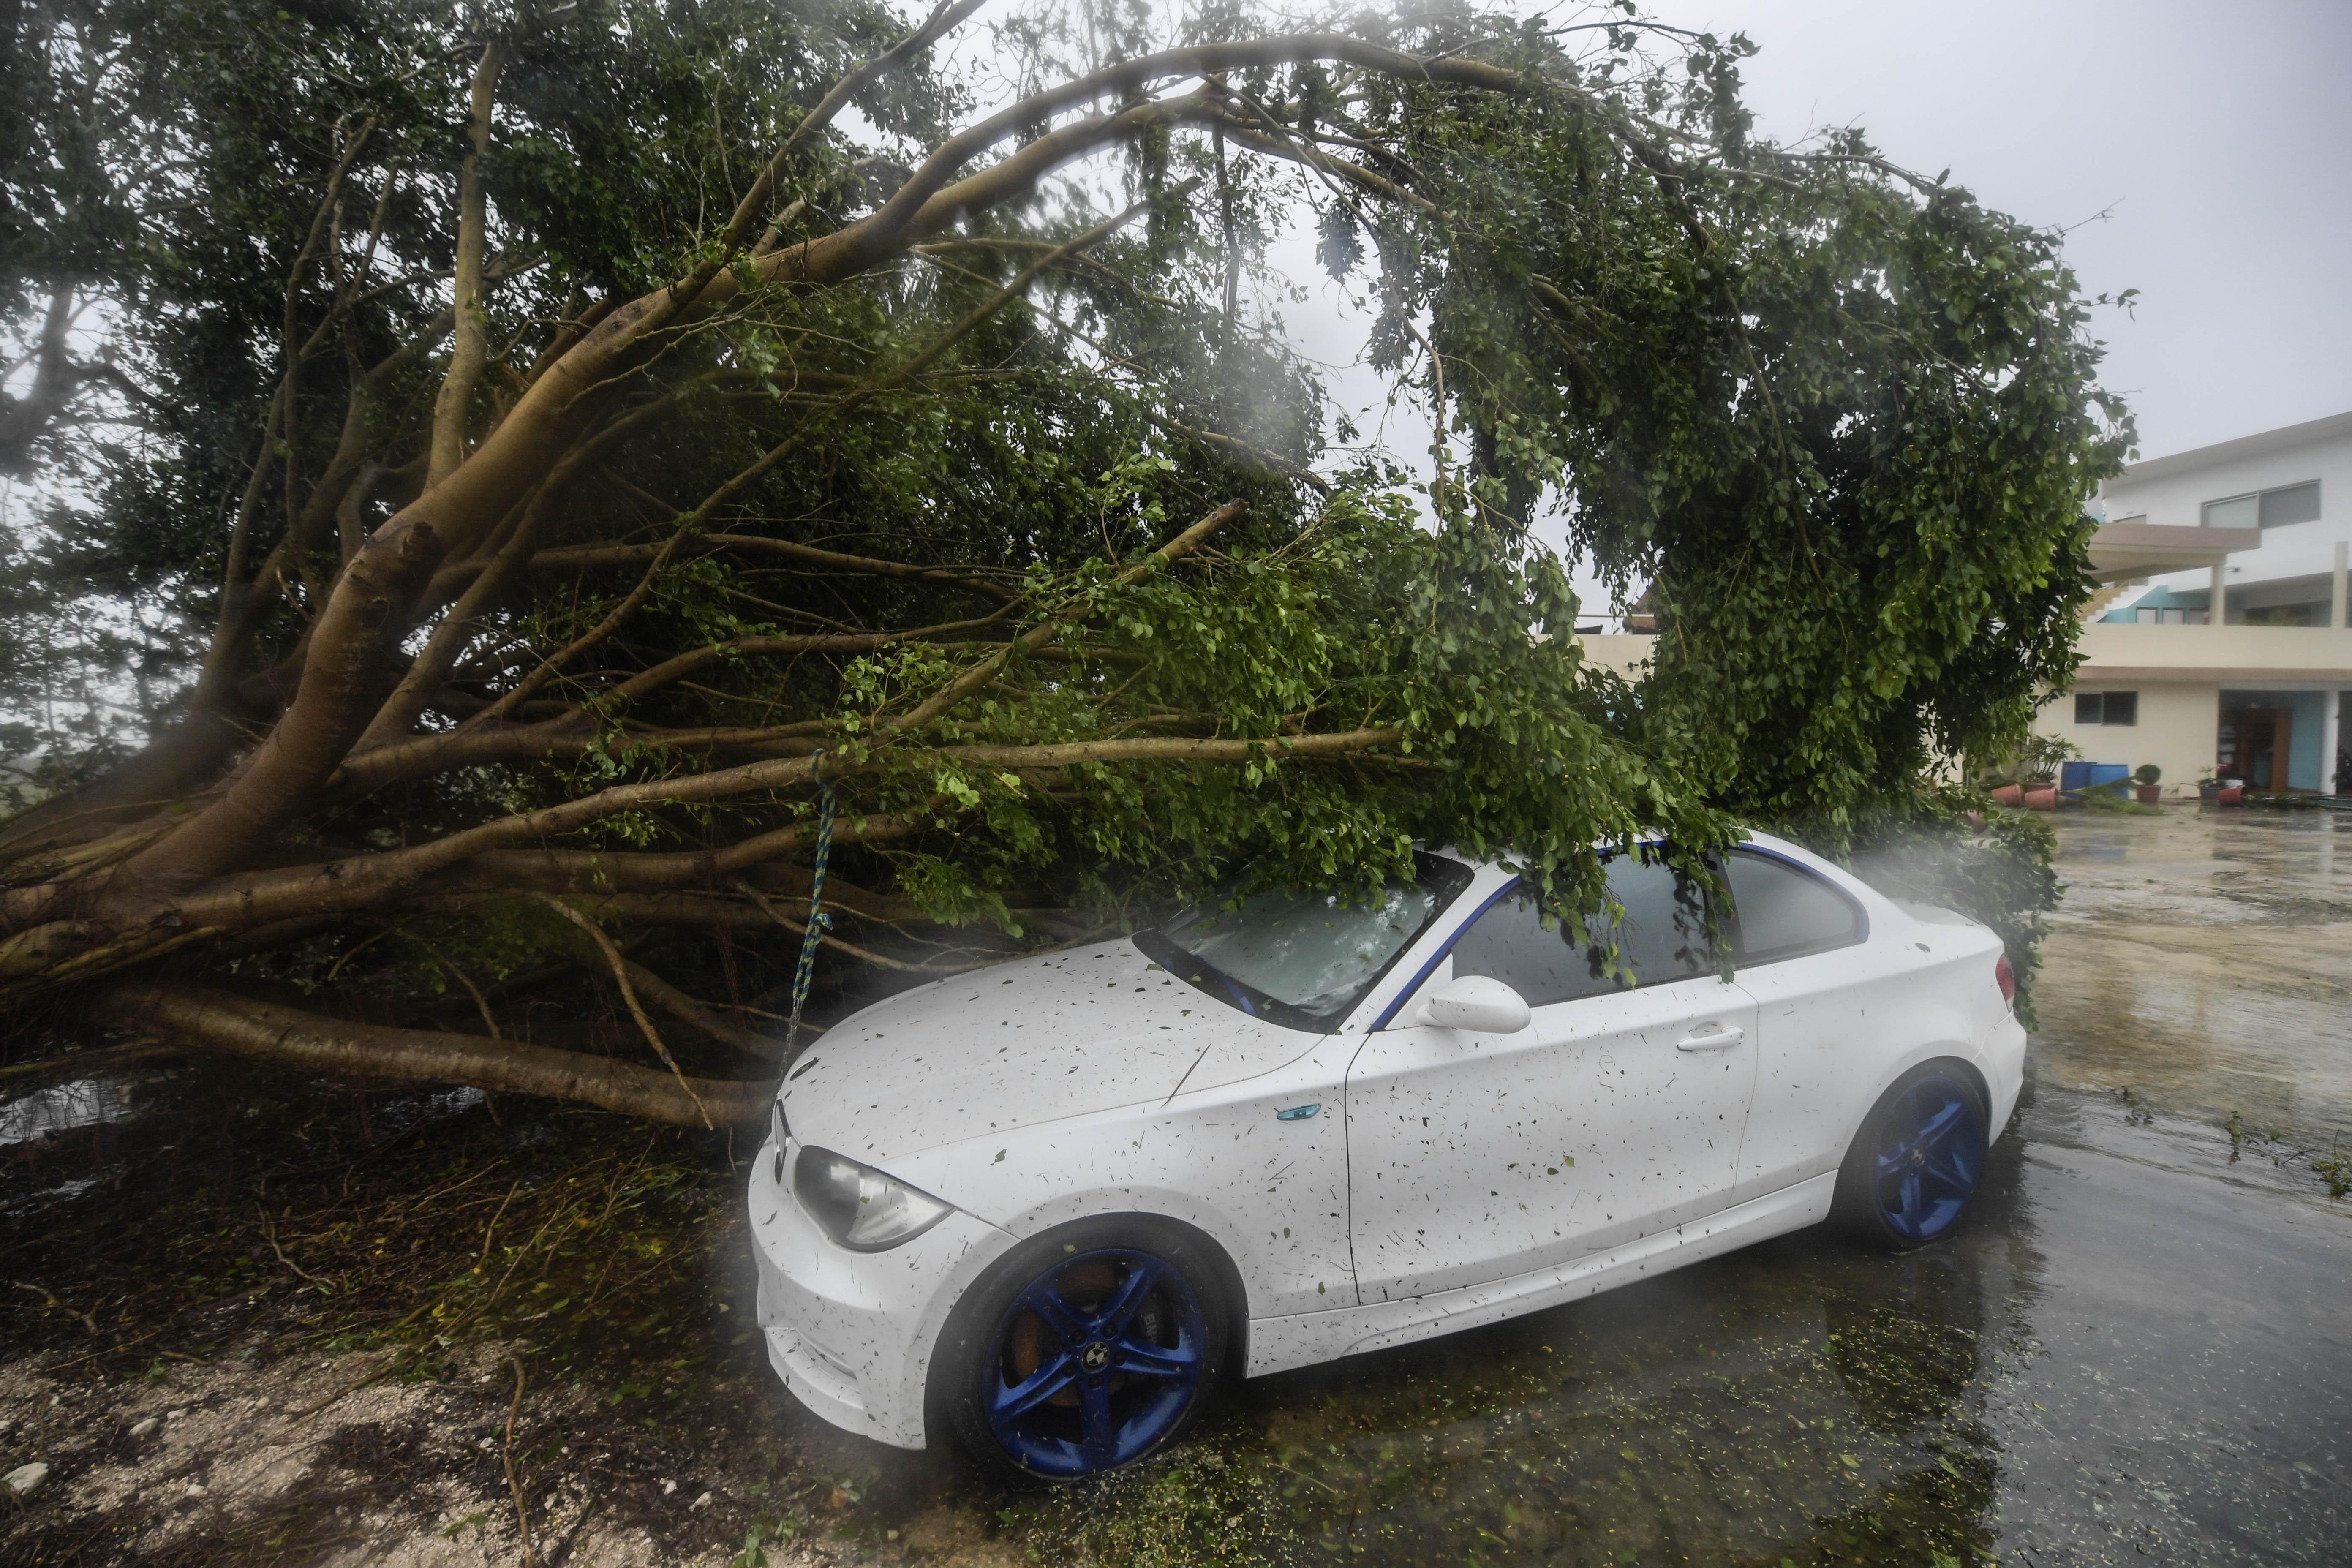 Un automóvil se cubre debajo de un árbol caído tras el paso del huracán Delta, en Cancún, estado de Quintana Roo, México, el 7 de octubre de 2020.